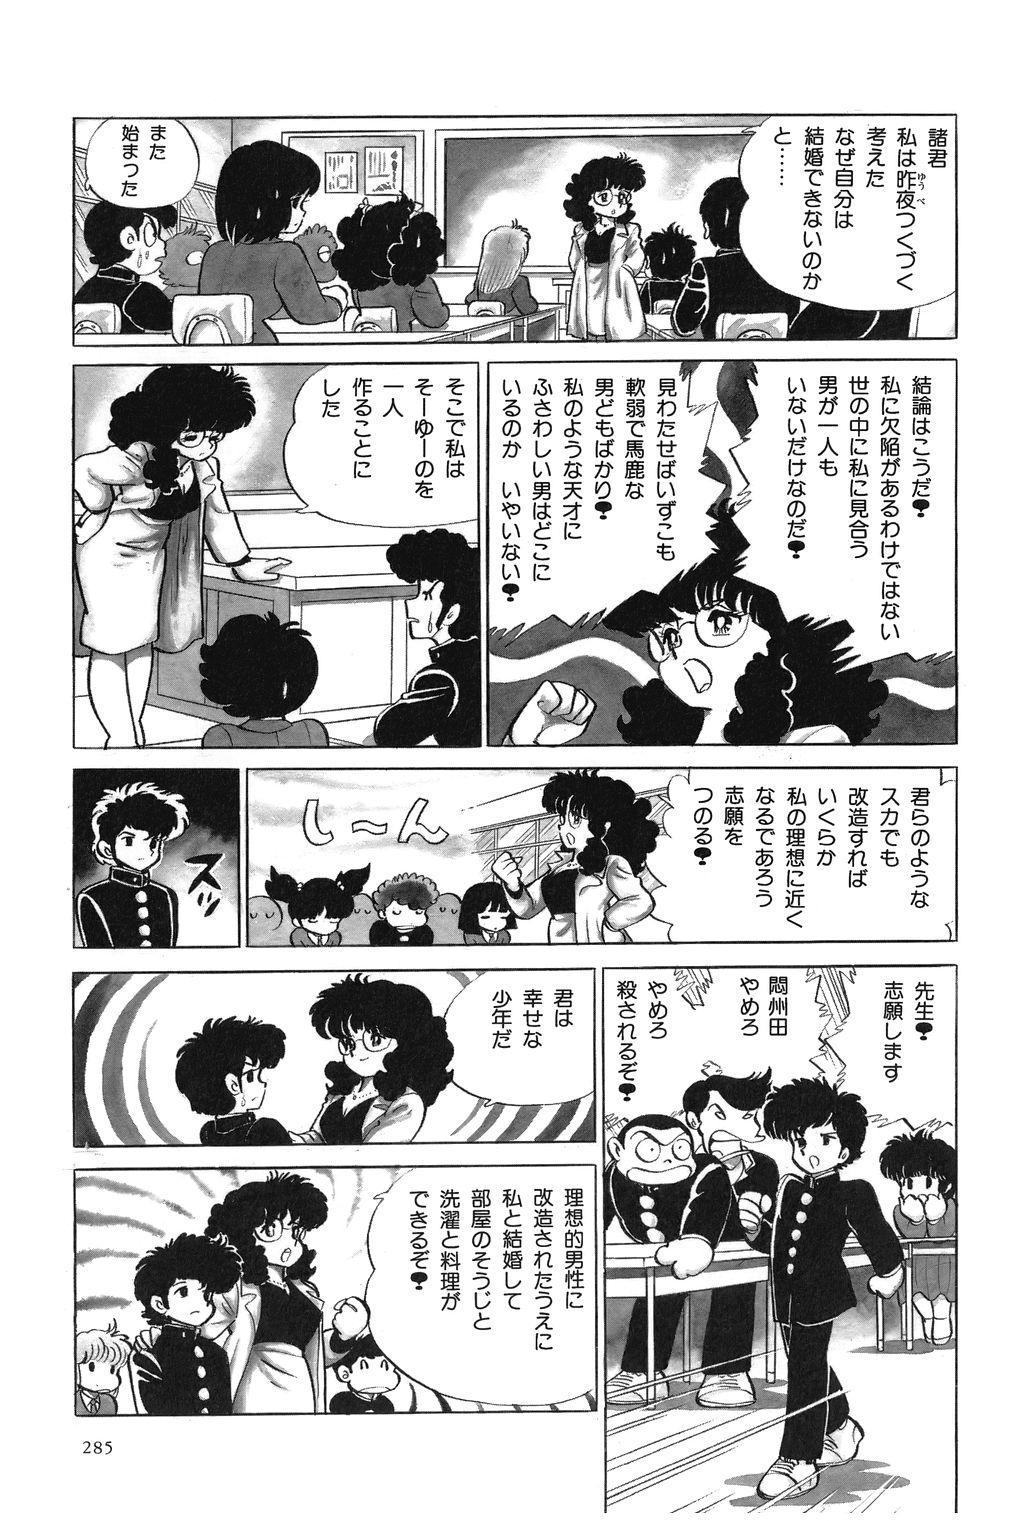 Azuma Hideo Sakuhin Shuusei - Yoru no Tobari no Naka de 286